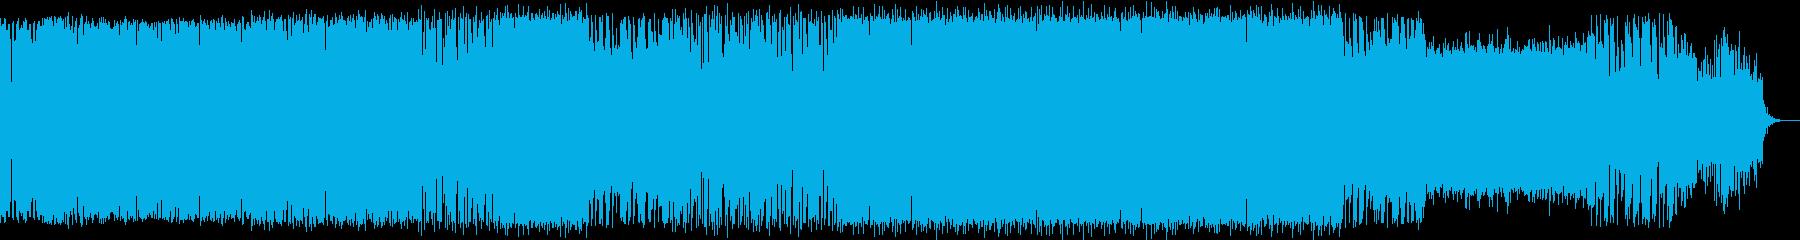 深海イメージ曲(メロディ・ソロなし)の再生済みの波形